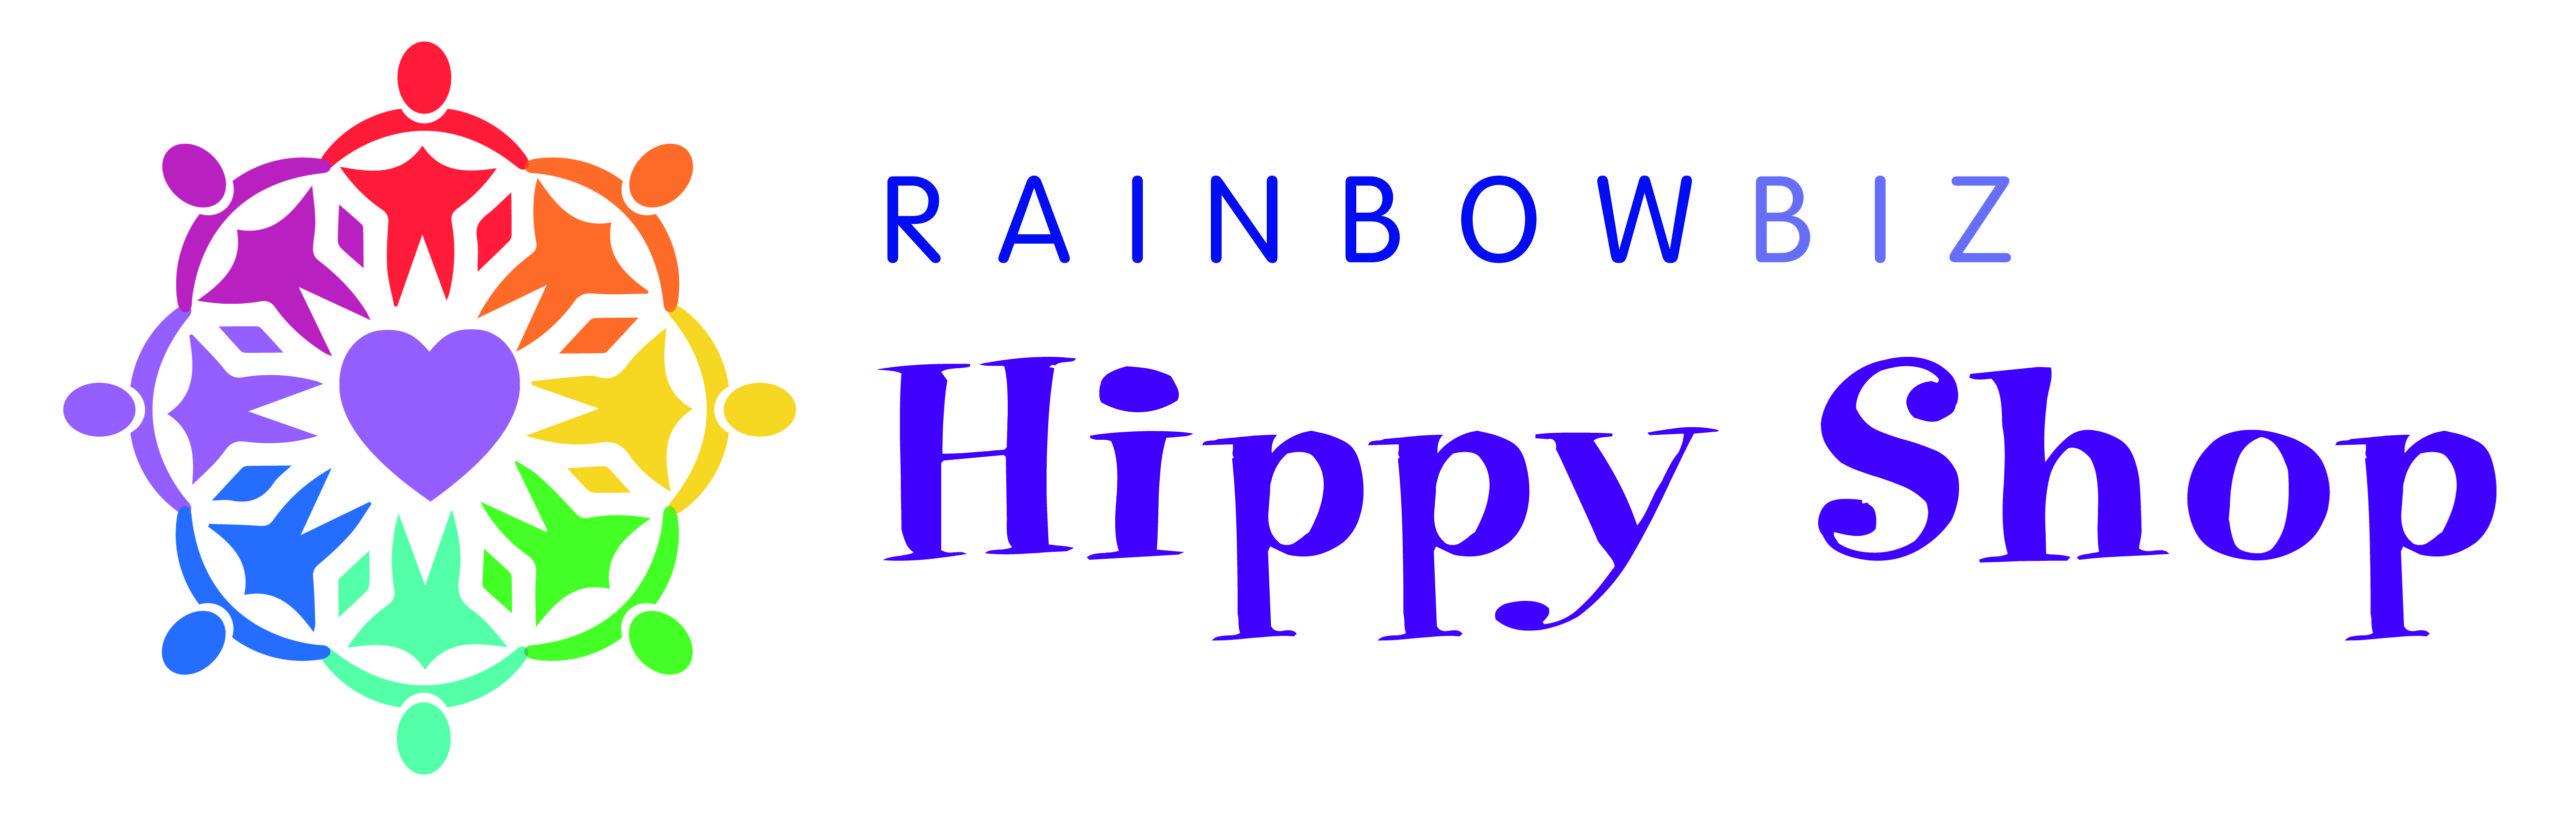 RainbowBiz Hippy Shop